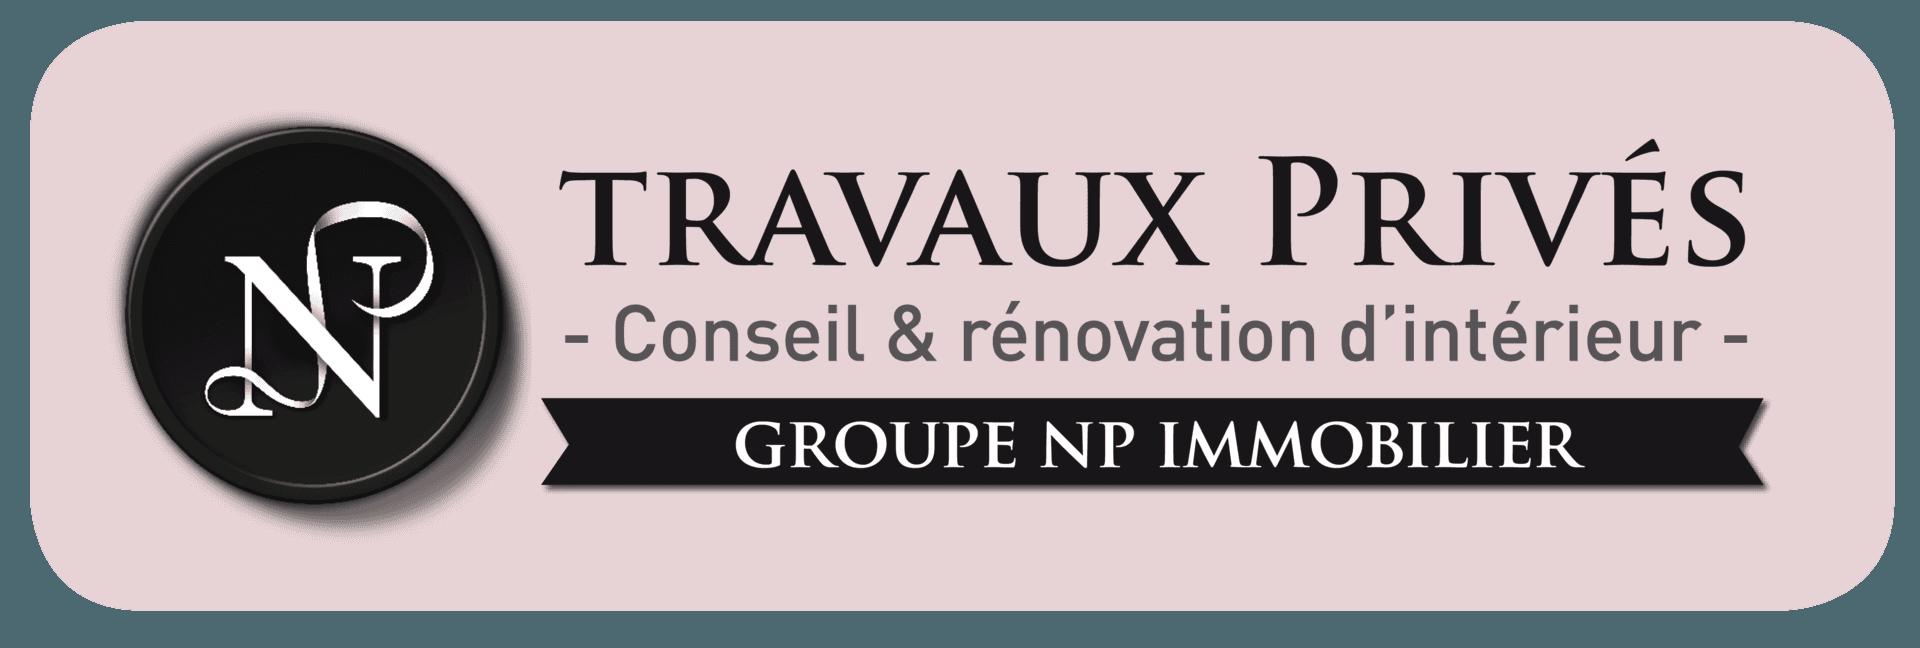 Renovation D Interieur Paris entreprise de bâtiment paris , entreprise de renovation paris